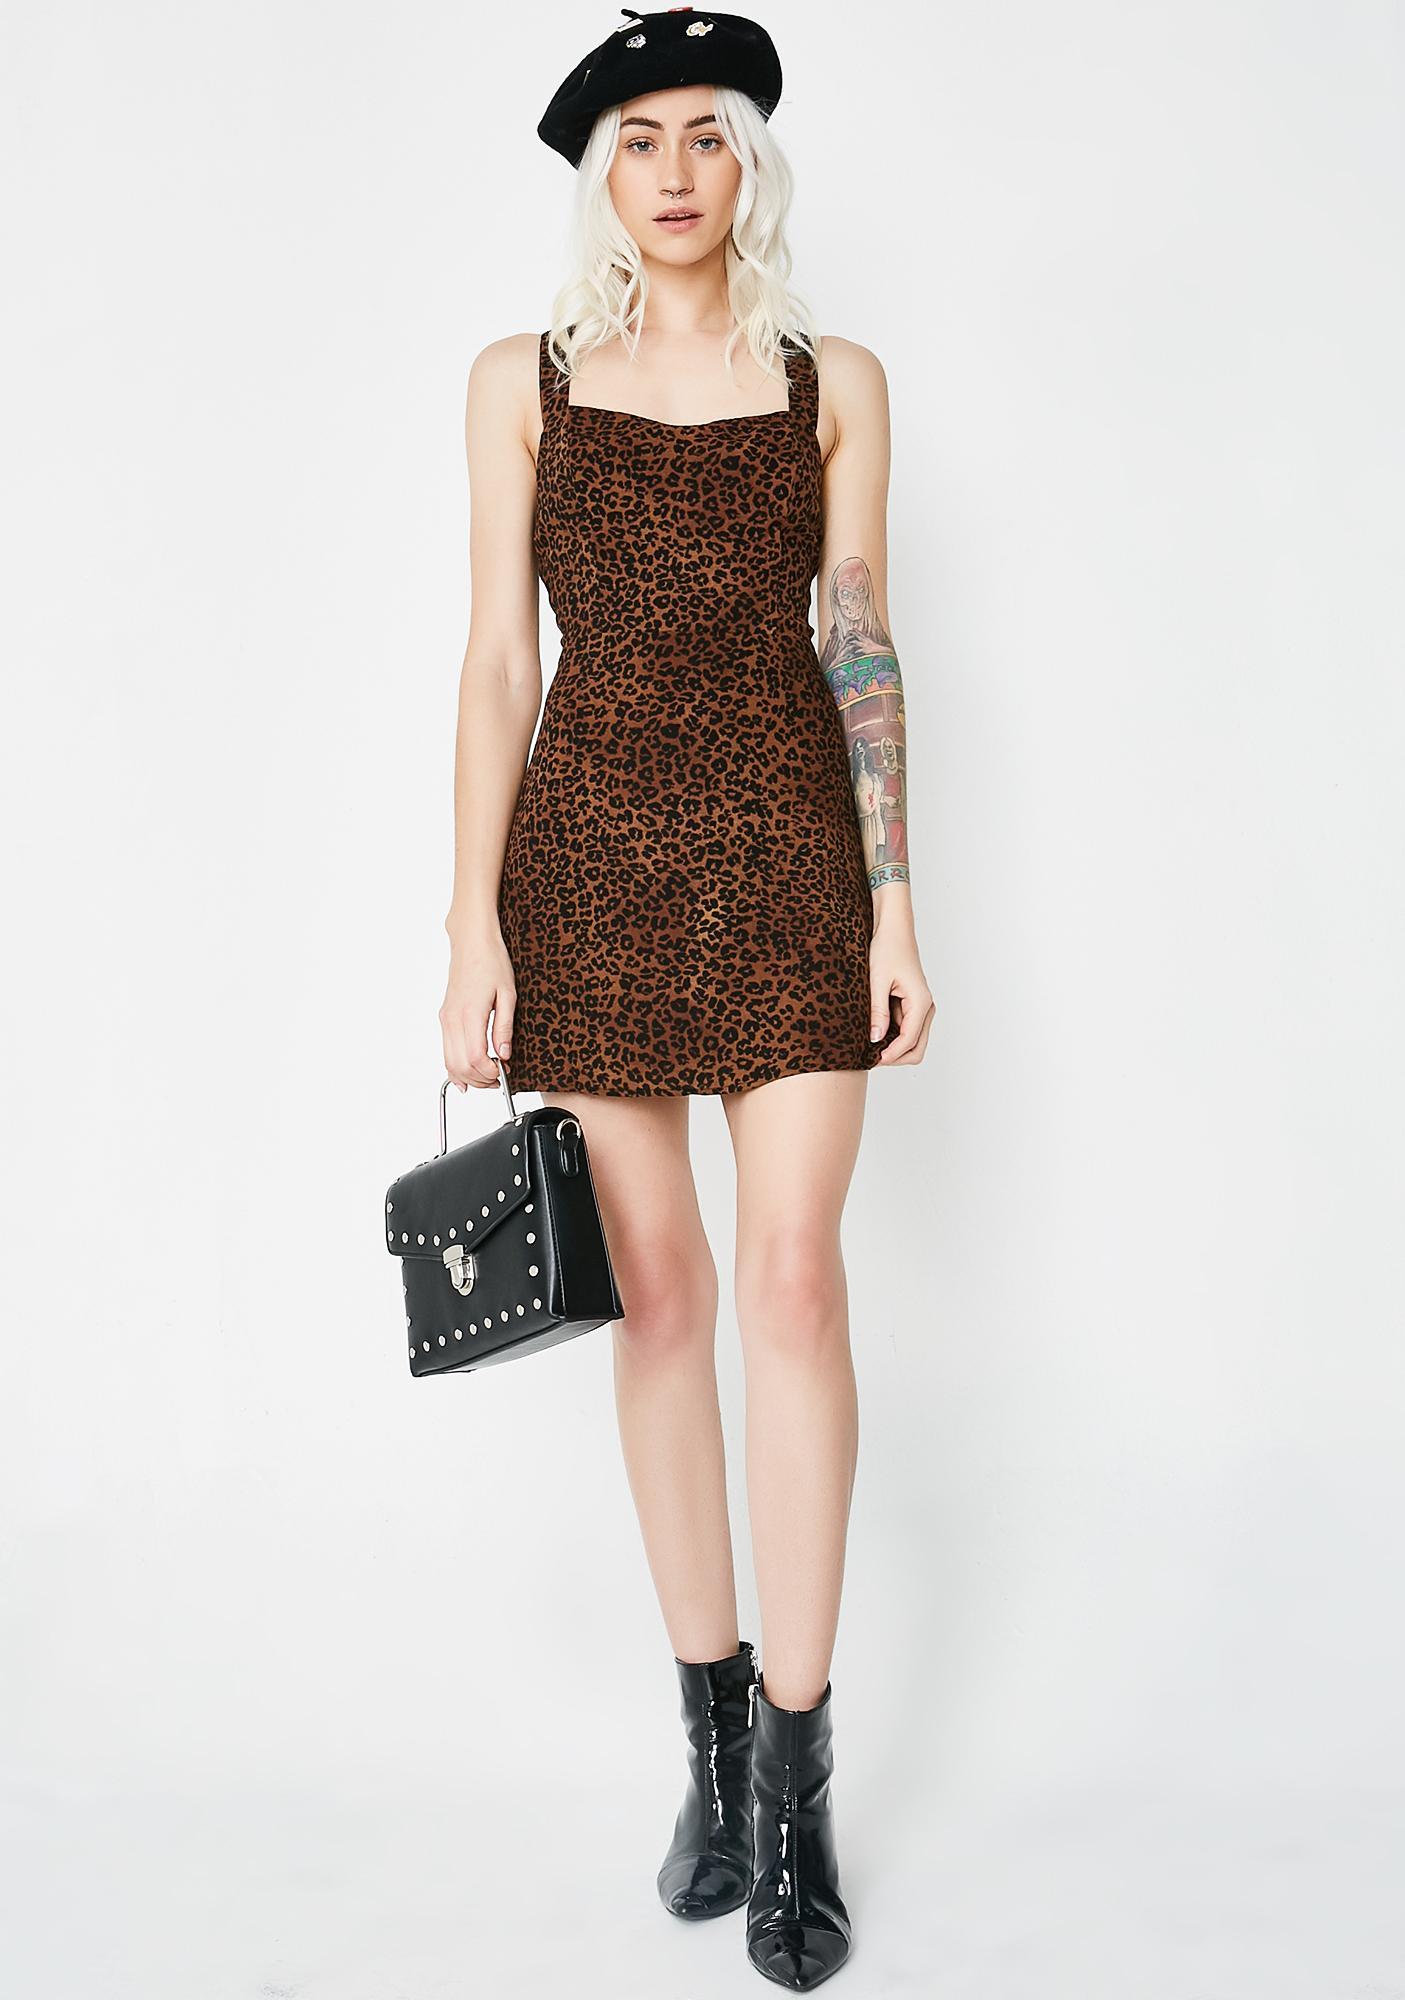 Flirt With Danger Leopard Dress